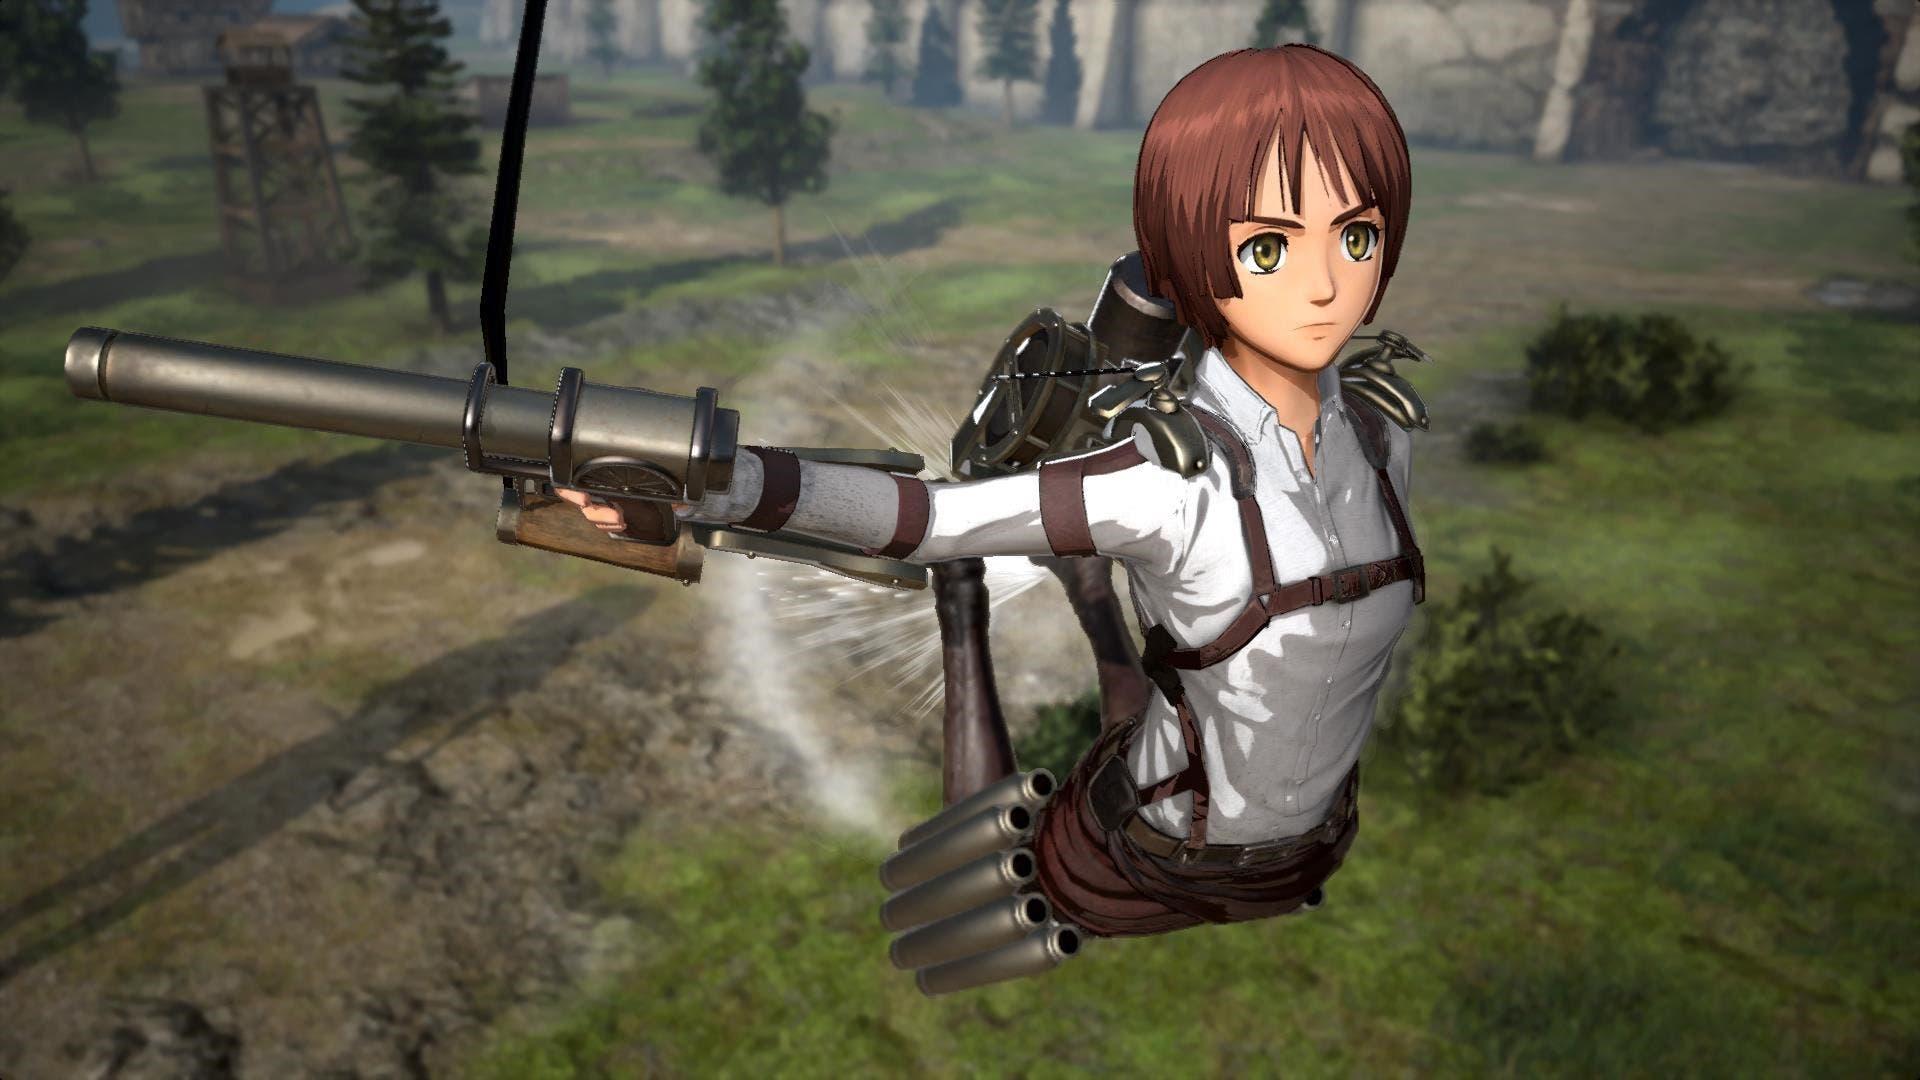 Imagen de Attack on Titan 2: Final Battle recibe la actualización 1.0.13